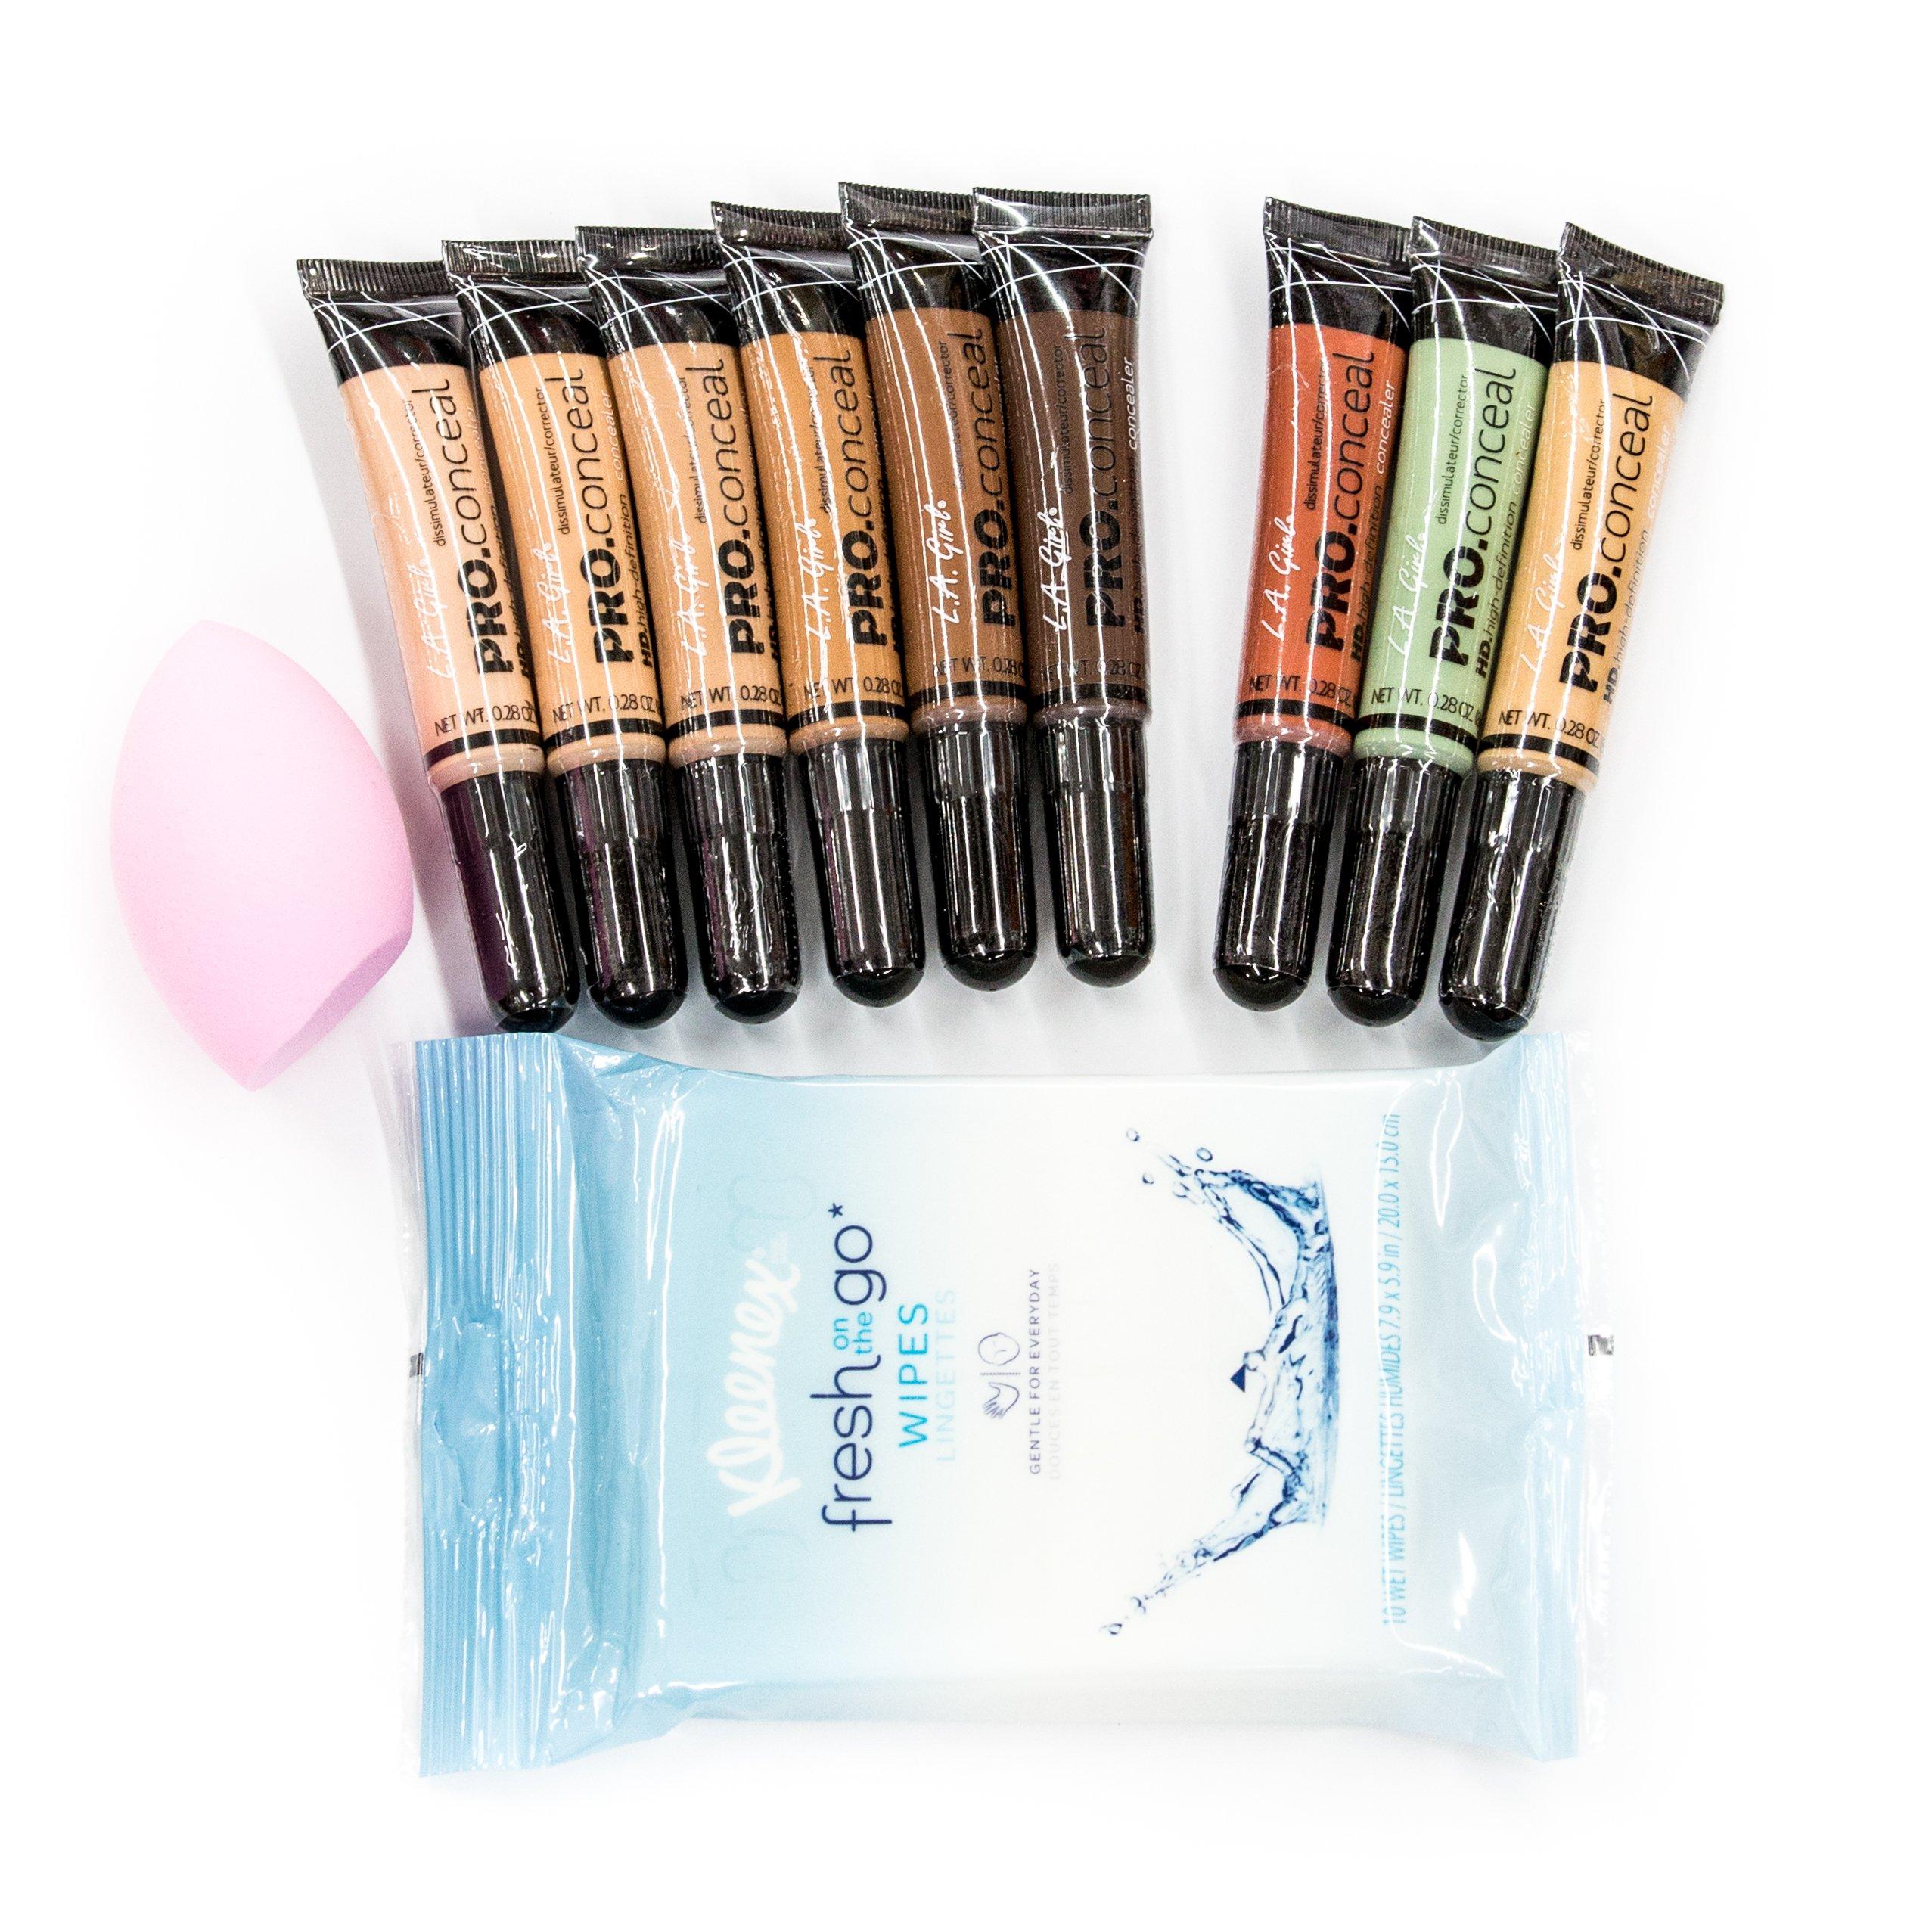 La Girl Pro Conceal HD Make-Up Artist Concealer Start-Up Bundle Kit (Total 11 items)